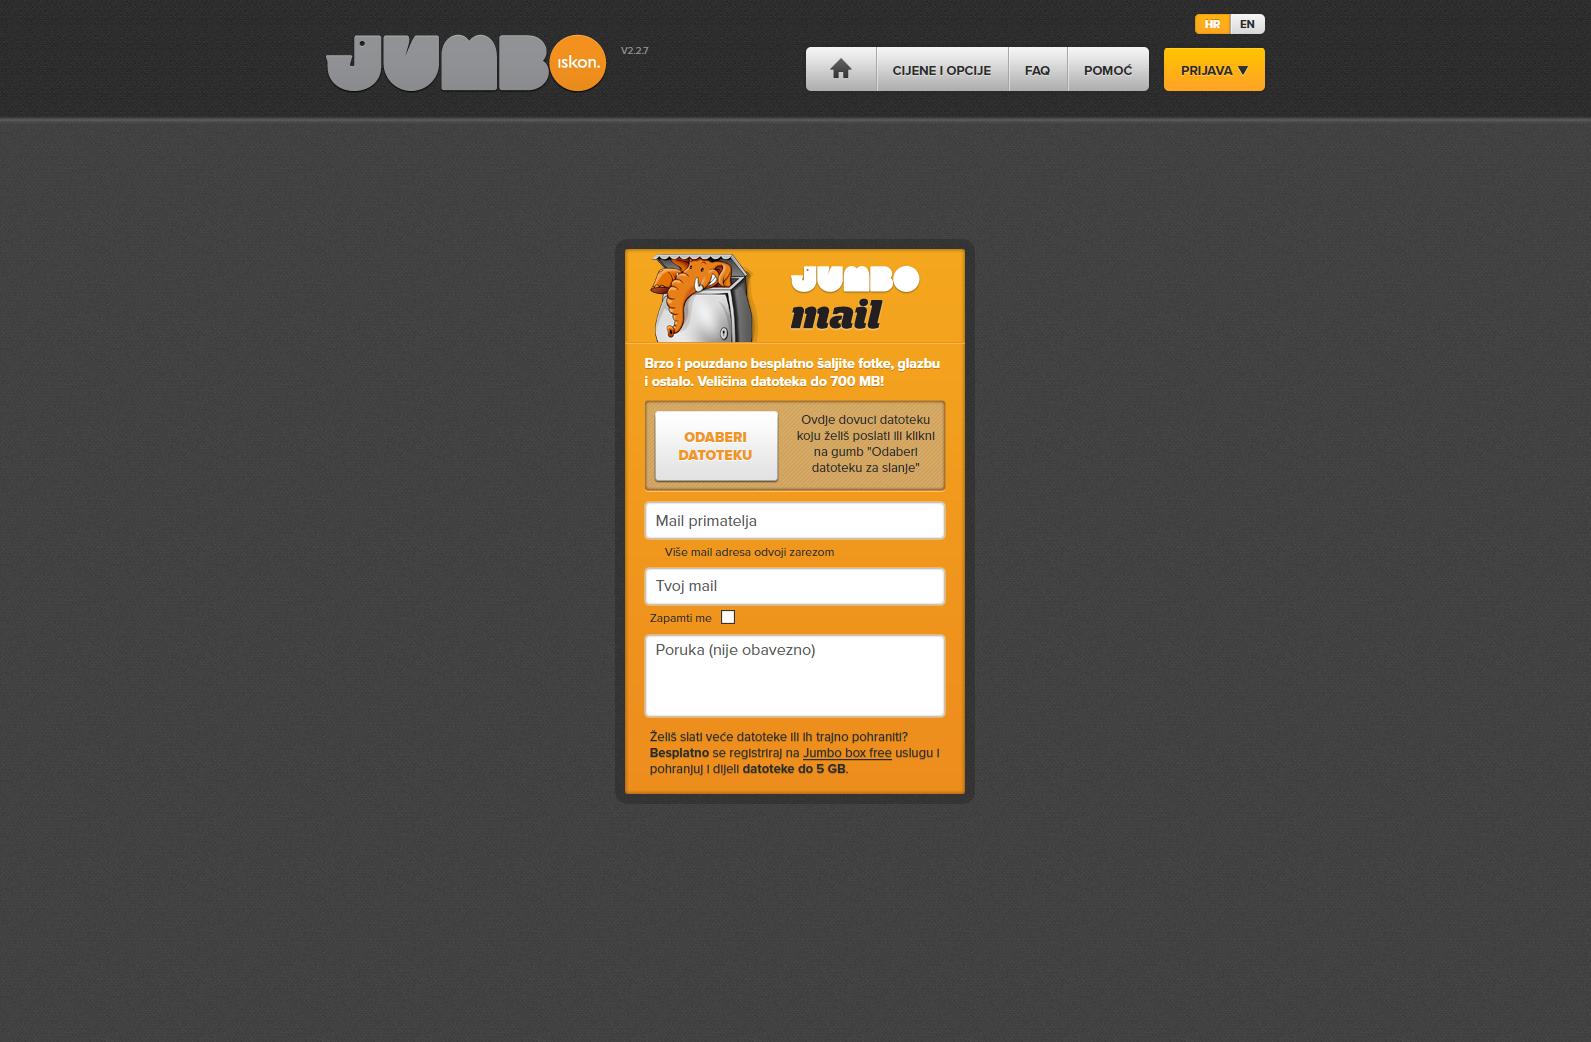 besplatno pretraživanje profila putem e-pošte spajanje jedinstva